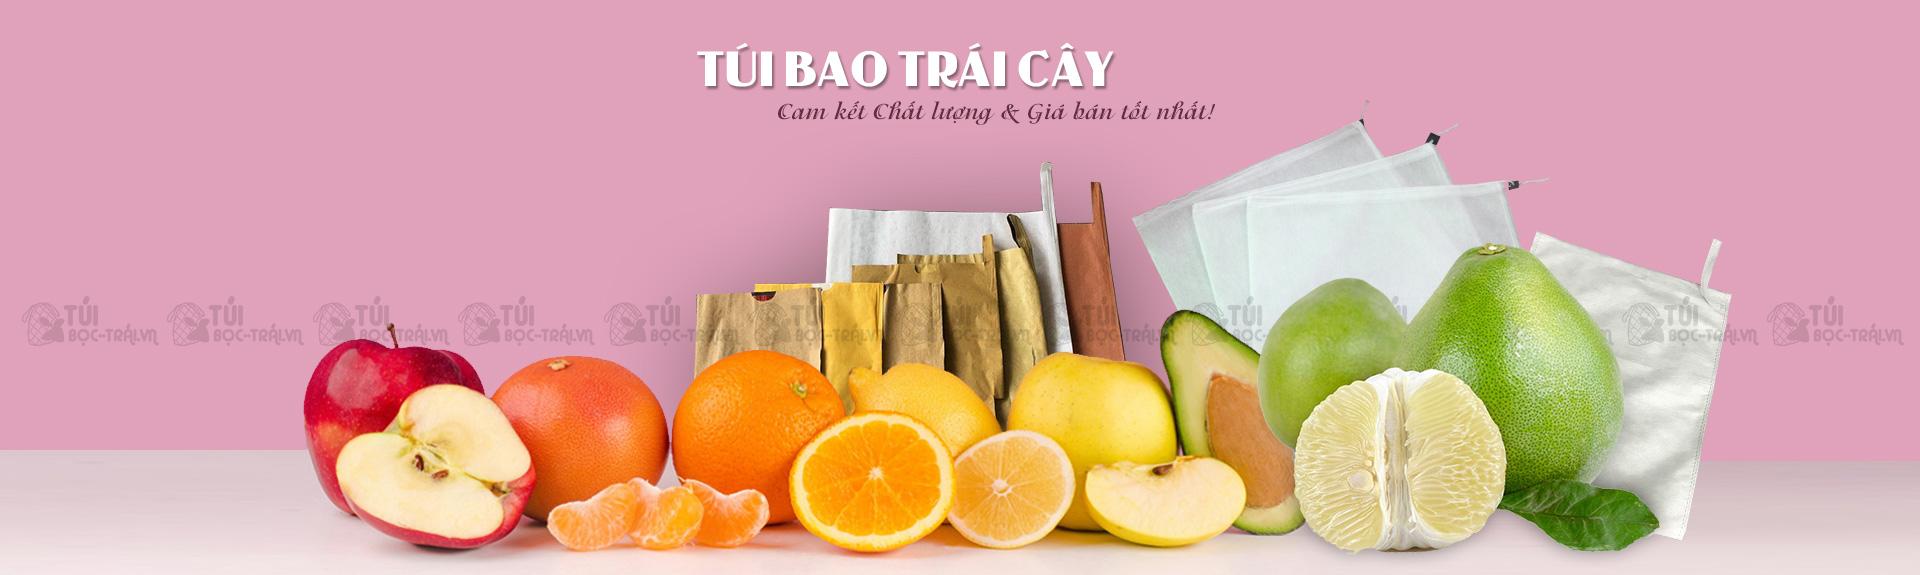 Túi bao trái cây - Túi bọc bưởi Thanh Hà